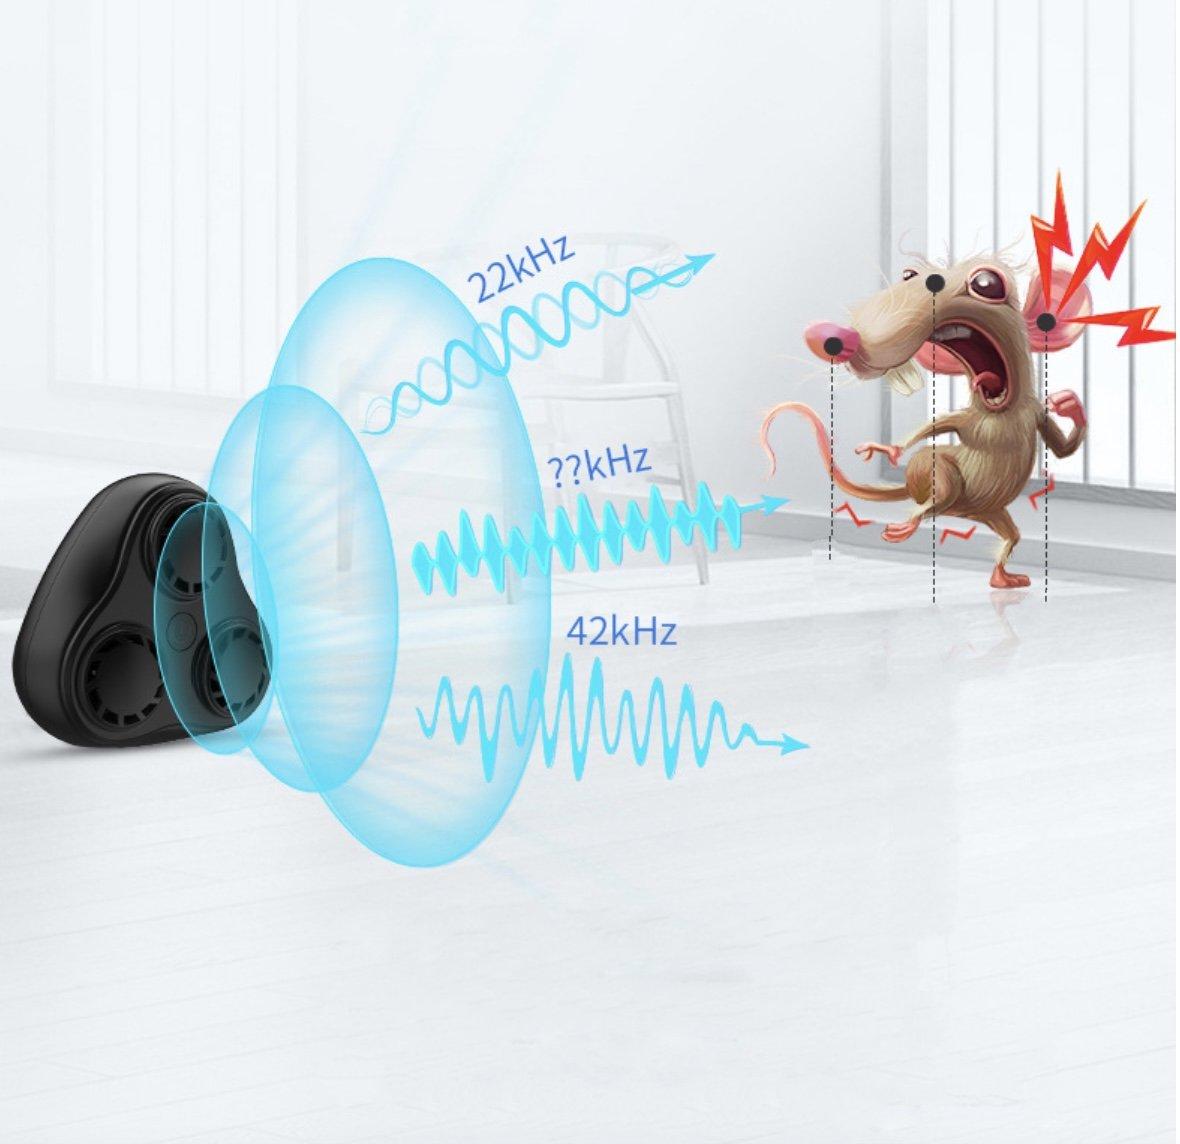 Thiết bị đuổi chuột sóng siêu âm BG310 PEST REPELLER